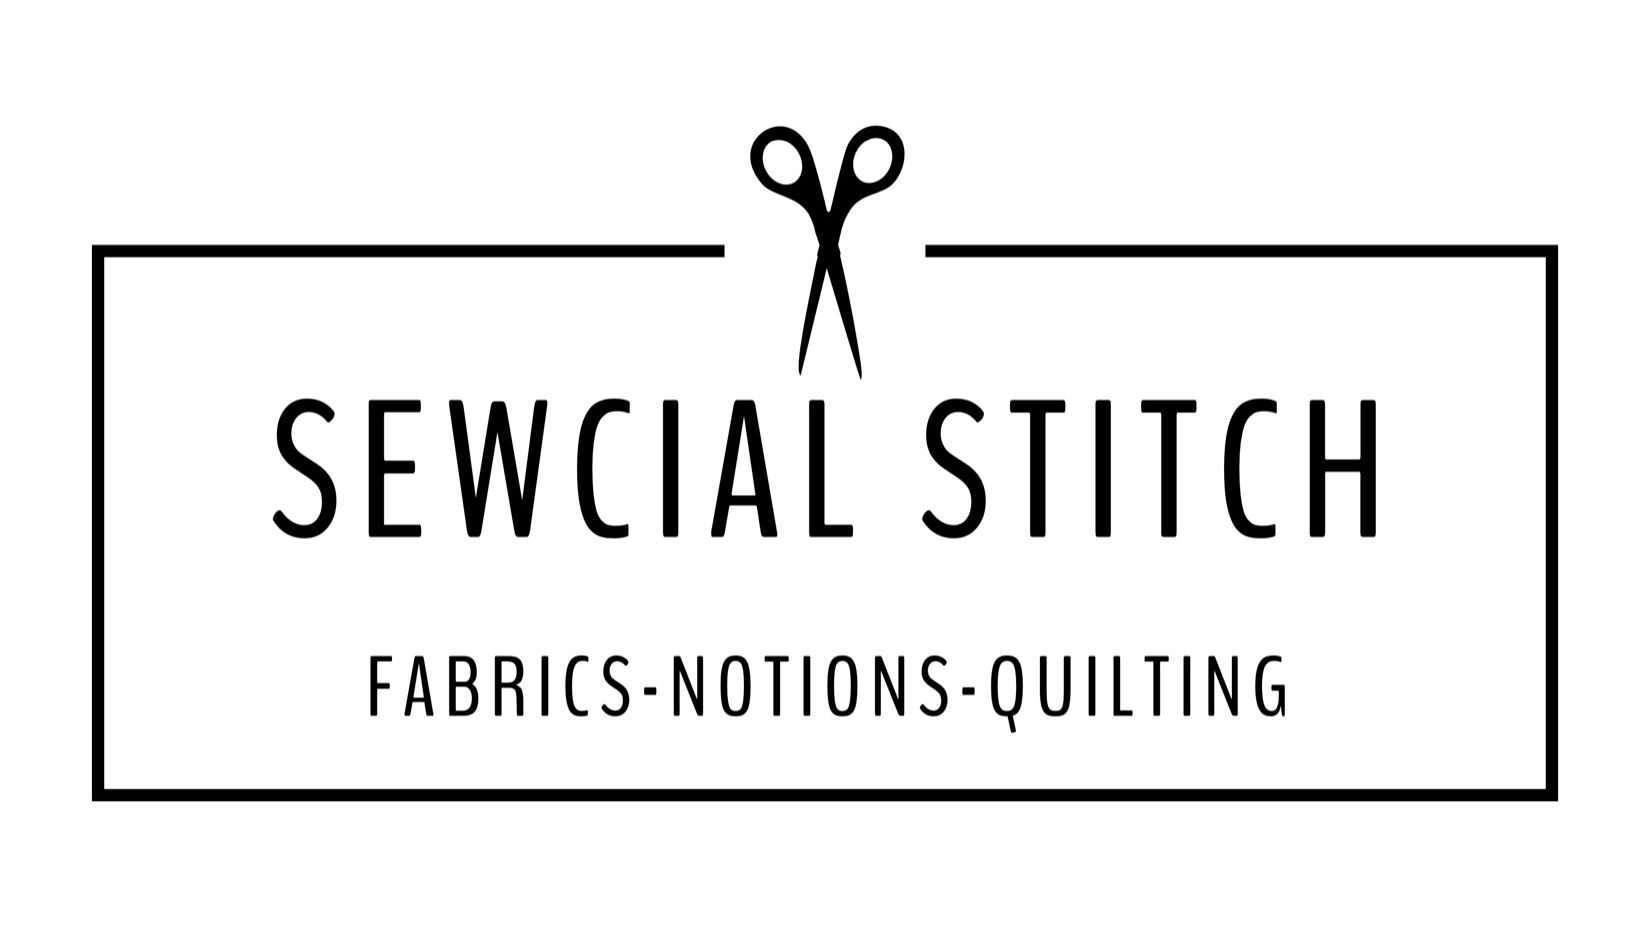 Sewcial Stitch quilt shop